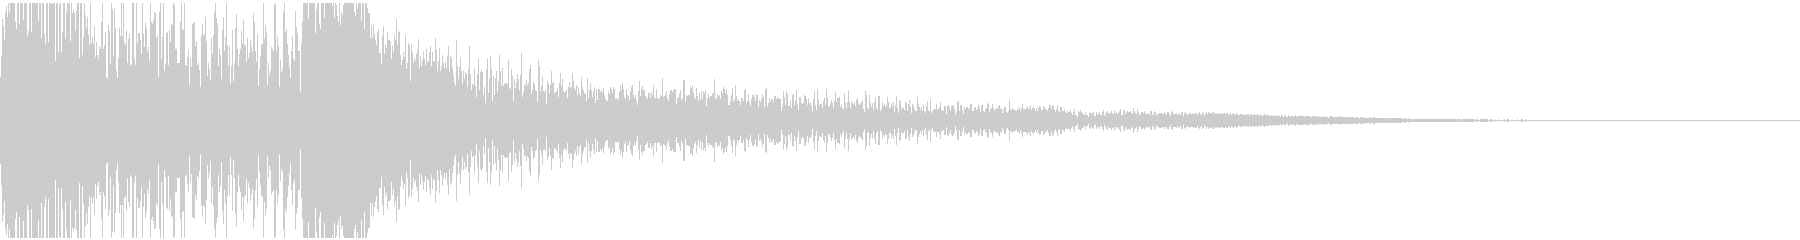 不吉な予感(ピアノ音)の未再生の波形